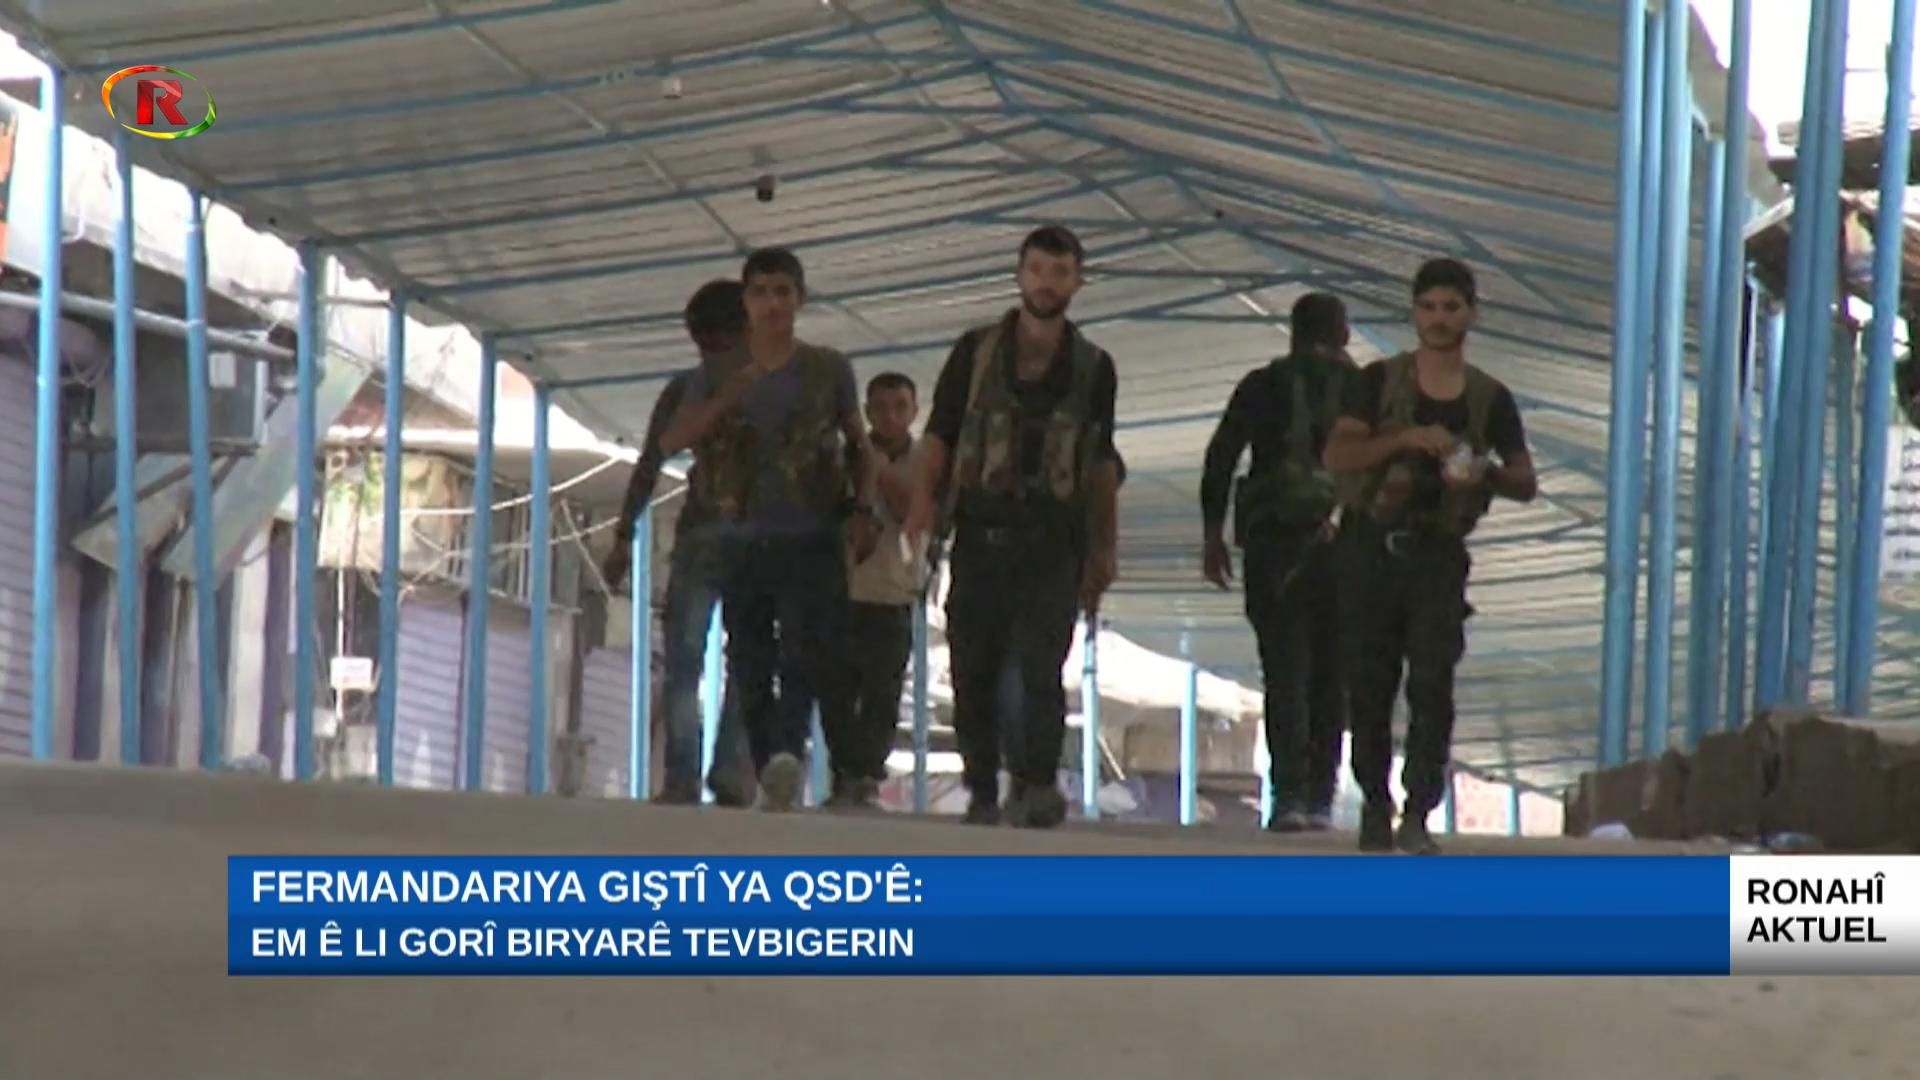 Photo of Ronahi TV – RONAHÎ AKTUEL